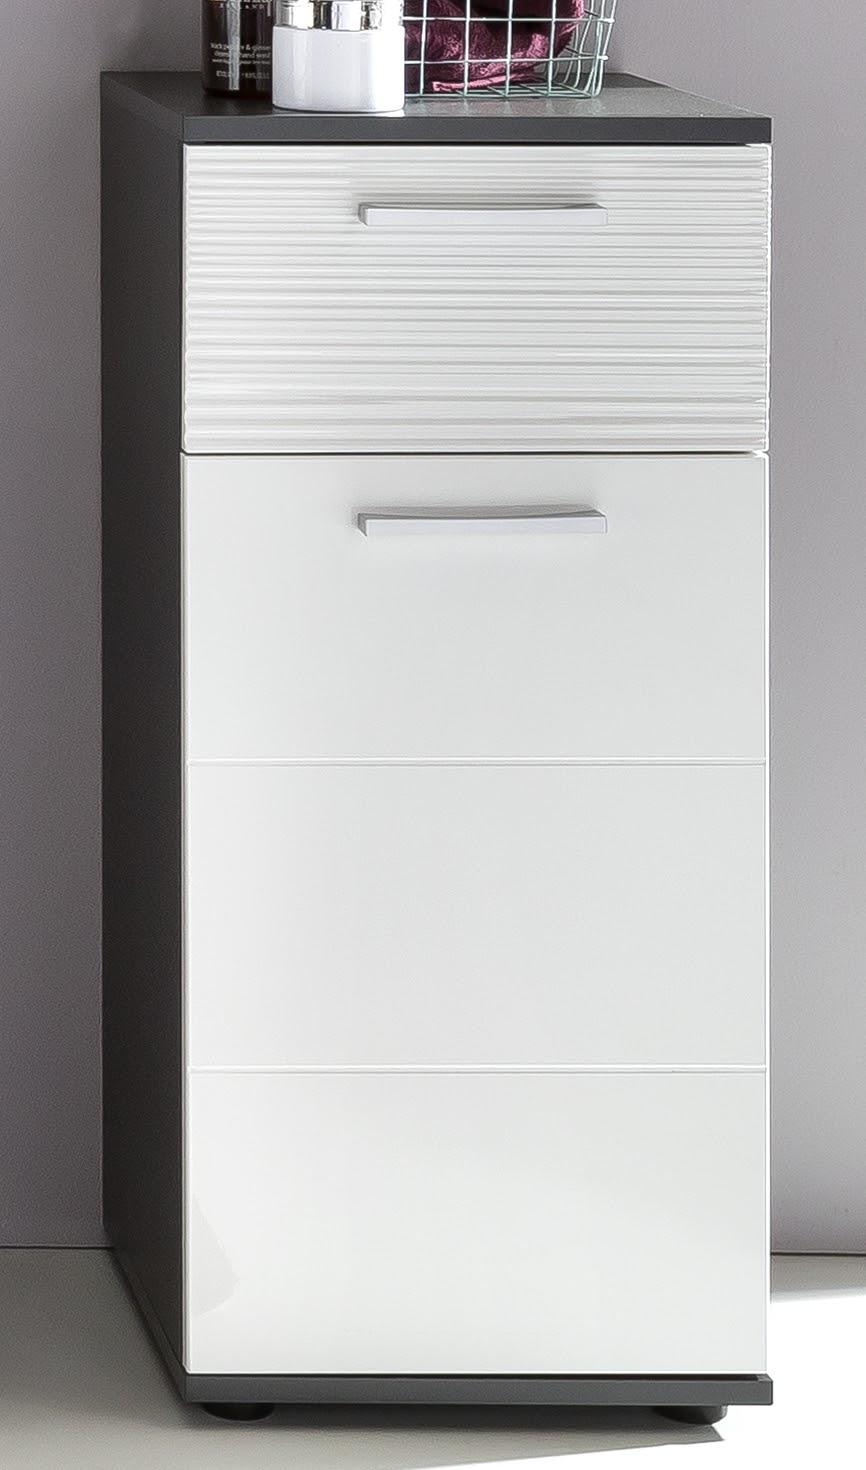 Badezimmerschrank Smart Weiss Grau Schrank Standschrank